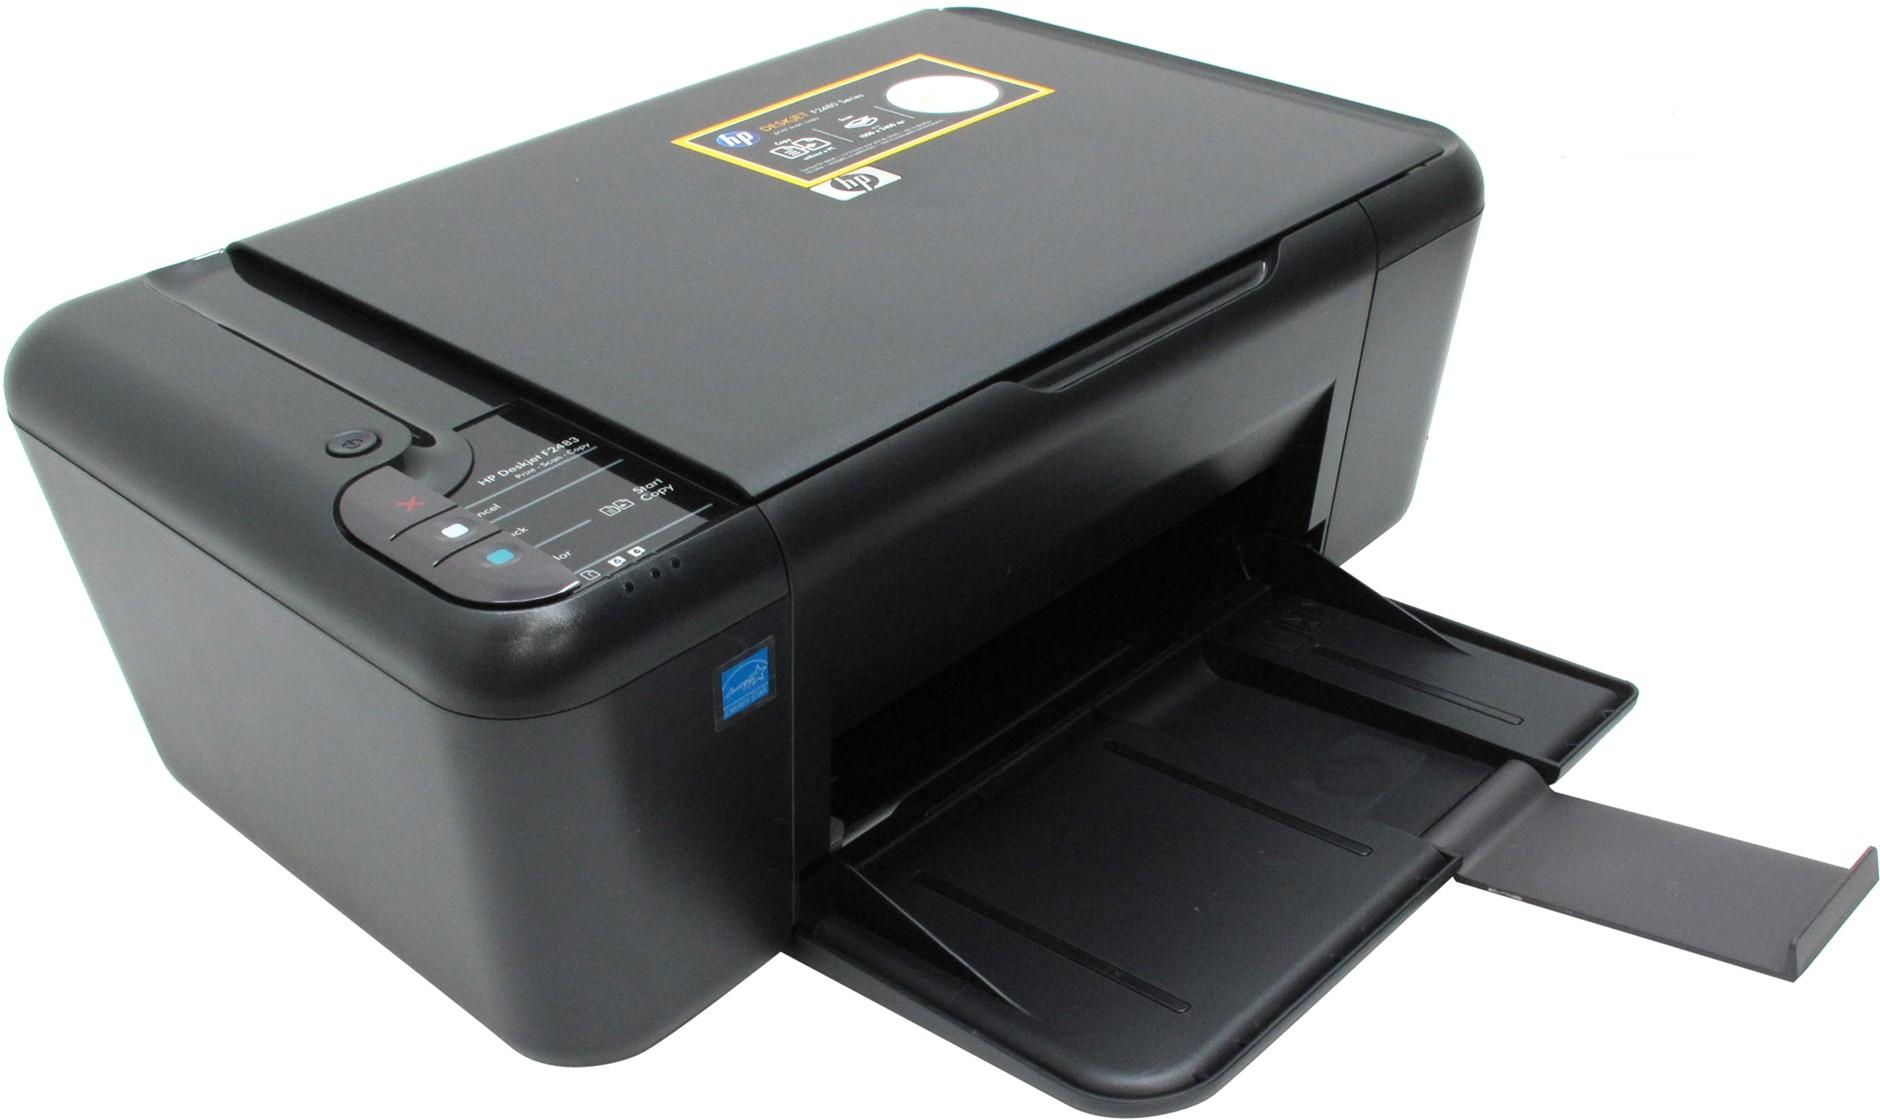 Драйвер для принтера hp deskjet f2483 скачать